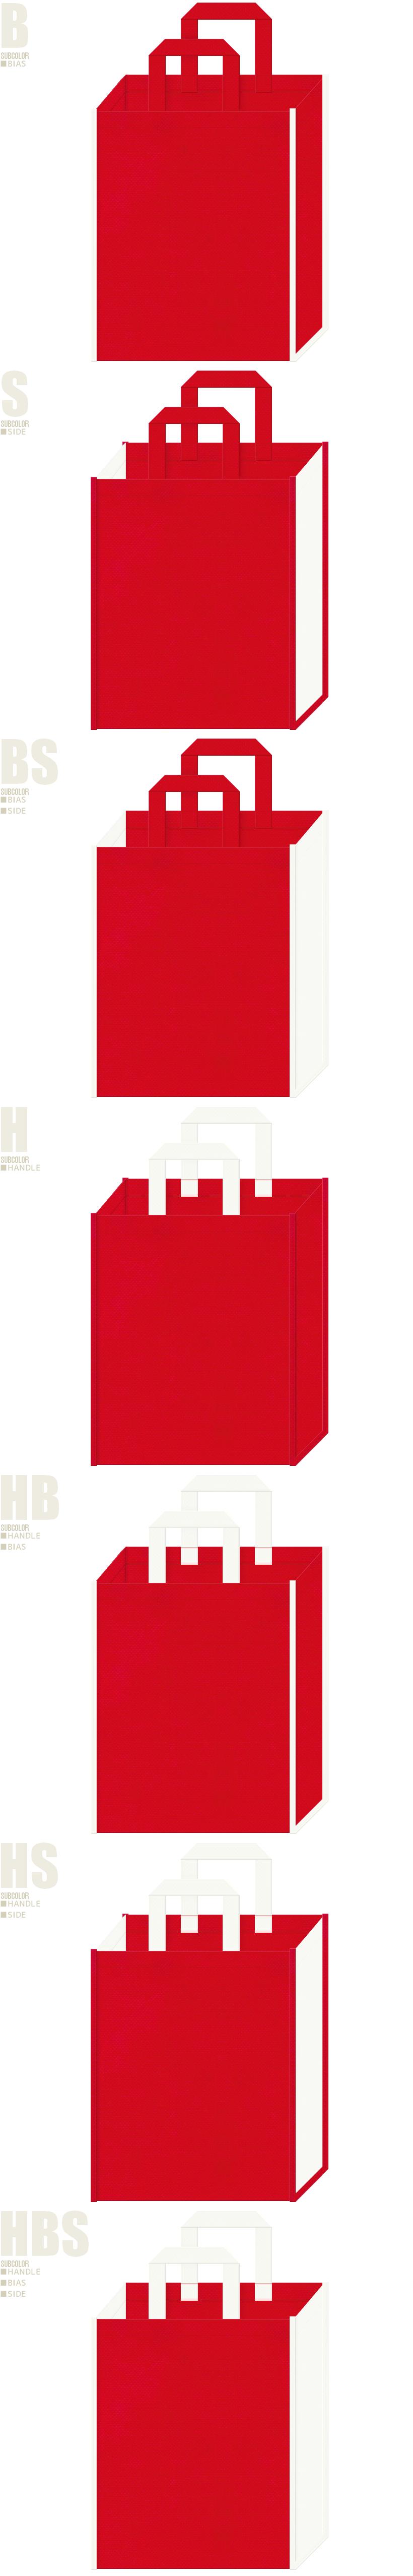 慶事・婚礼・いちご大福・お誕生日・ショートケーキ・サンタクロース・クリスマスにお奨めの不織布バッグデザイン:紅色とオフホワイト色の配色7パターン